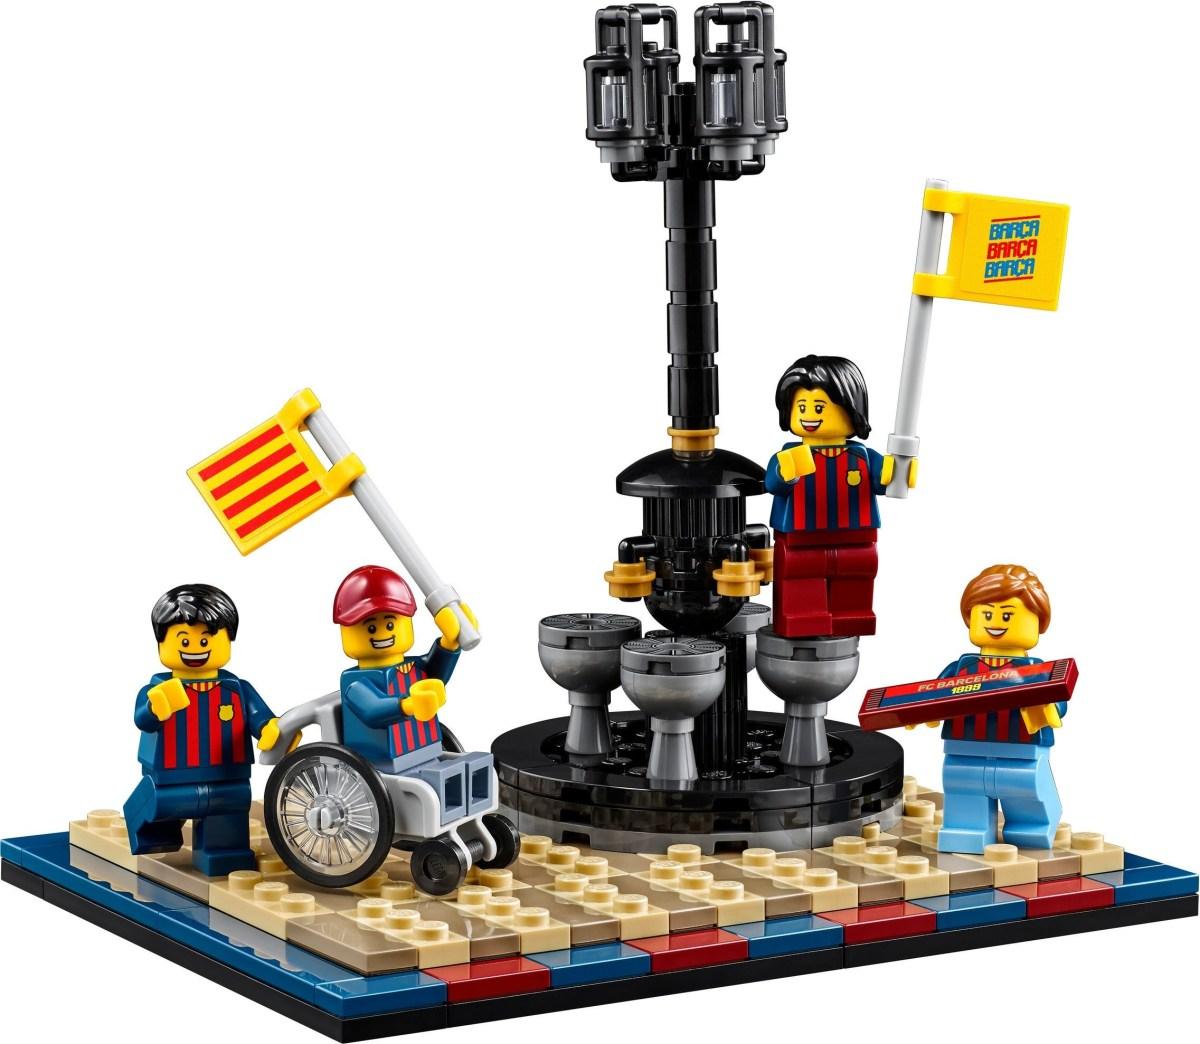 First Images of LEGO FC Barcelona Celebration (40485) GWP Set Revealed